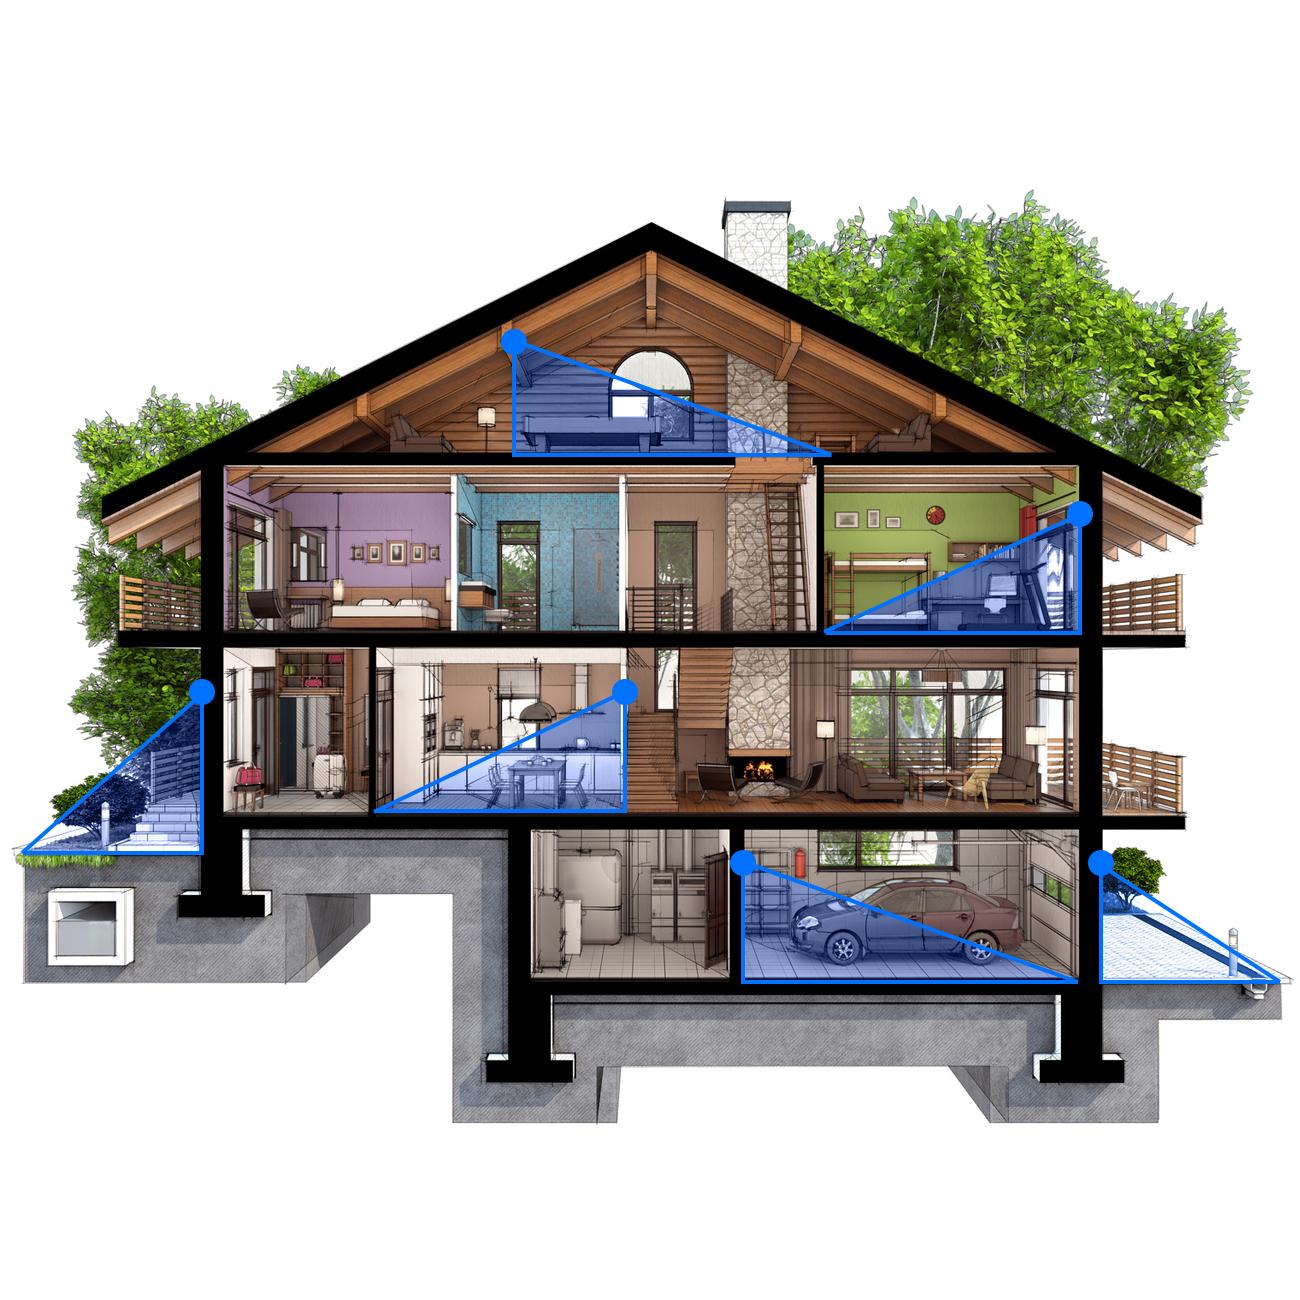 deleycon infrarot bewegungsmelder 180 arbeitsfeld reichweite bis 12m 2 farben deleycon. Black Bedroom Furniture Sets. Home Design Ideas